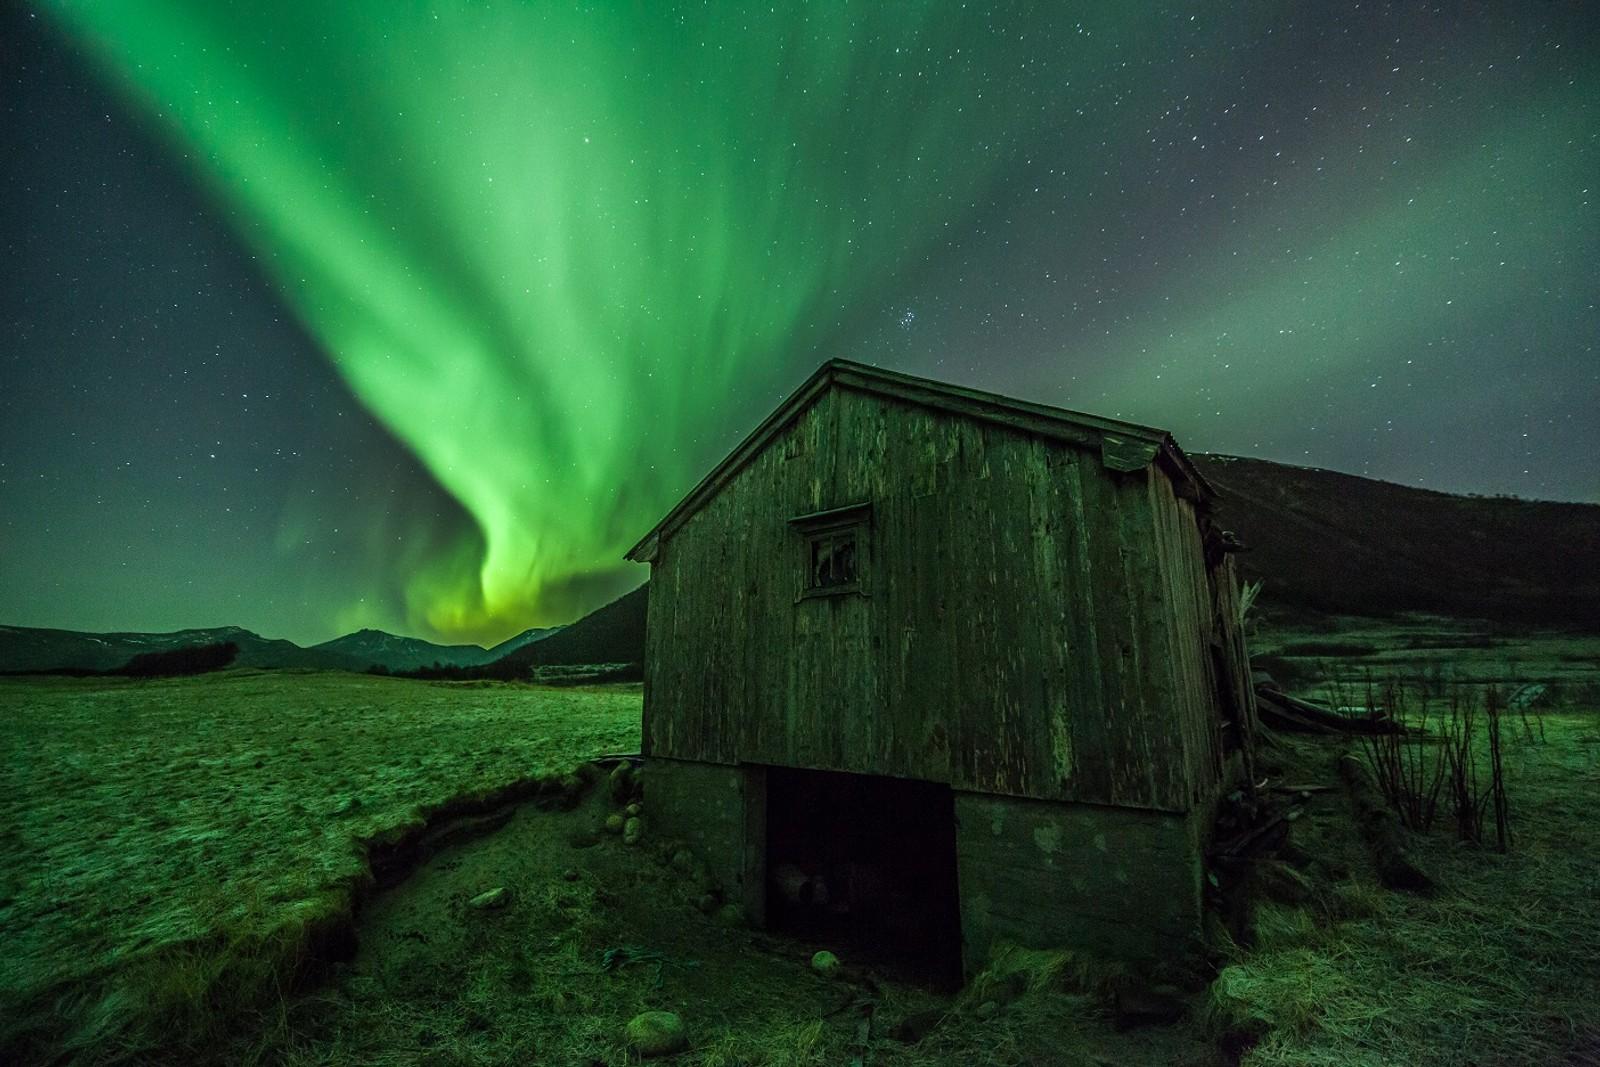 Fra ettermiddagen, 23 november, da aurora var tidlig ute og danset litt.